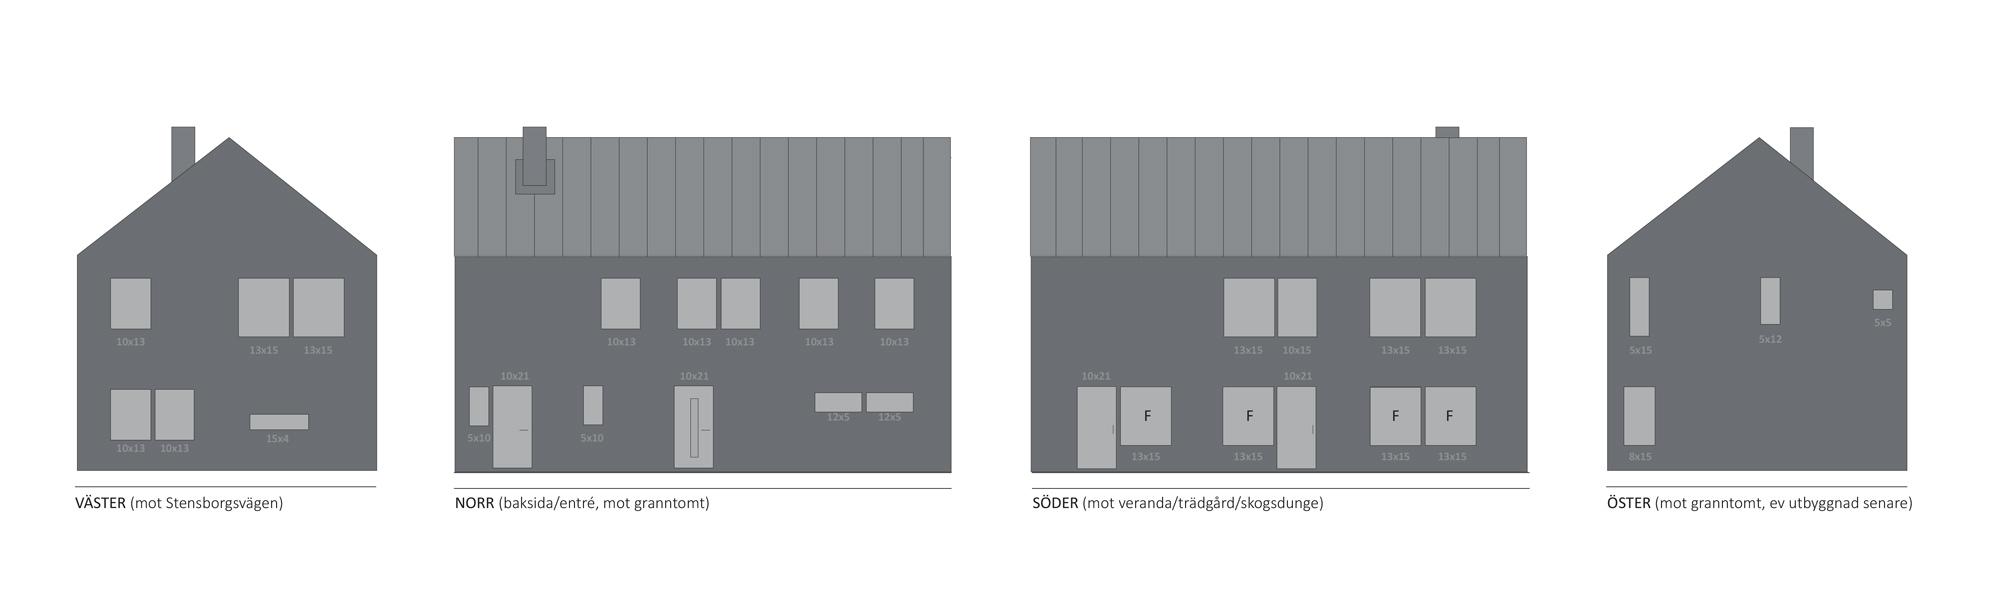 Våra fasadskisser. På östra gaveln funderar vi på att lägga till 25 kvm i ett plan för fotostudio/hobbyrum, beror lite på kostnad/budget.